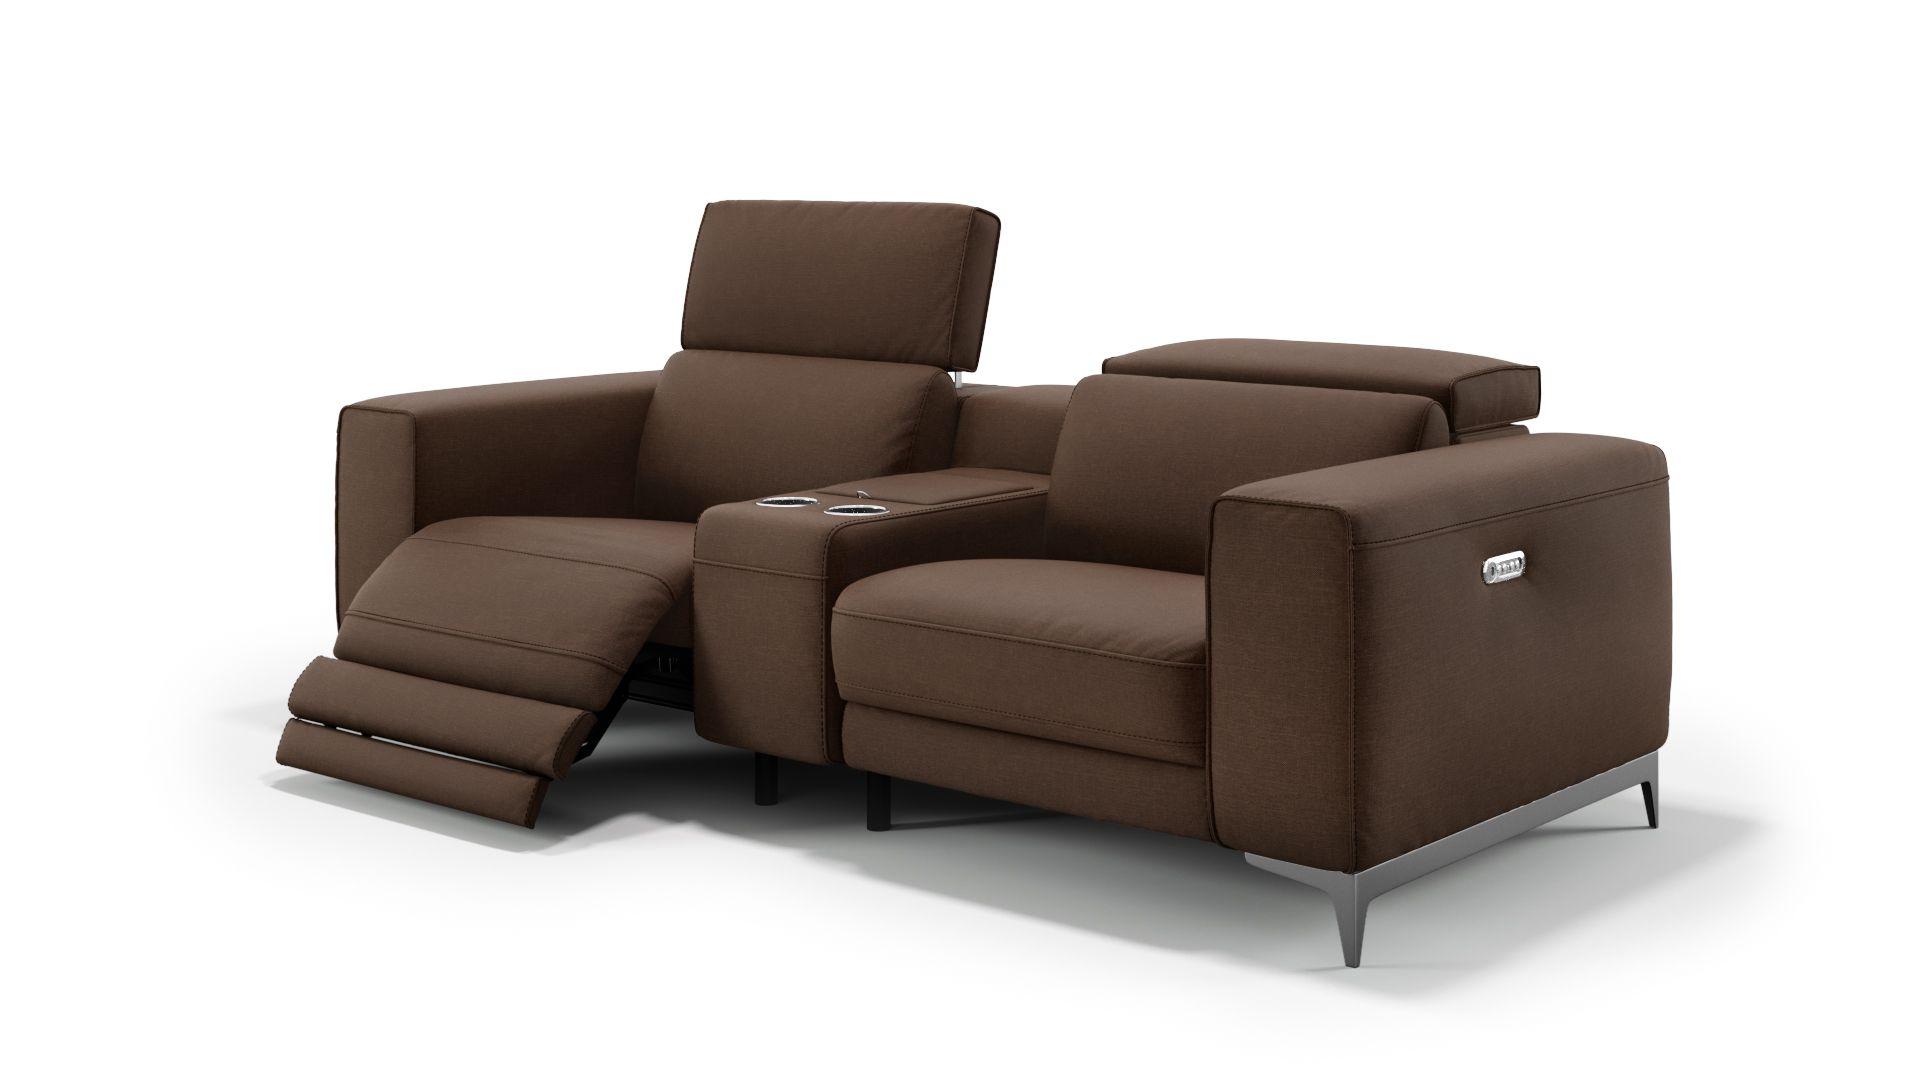 Stoff 2-Sitzer Kinosofa mit einer Mittelkonsole CUPELLO